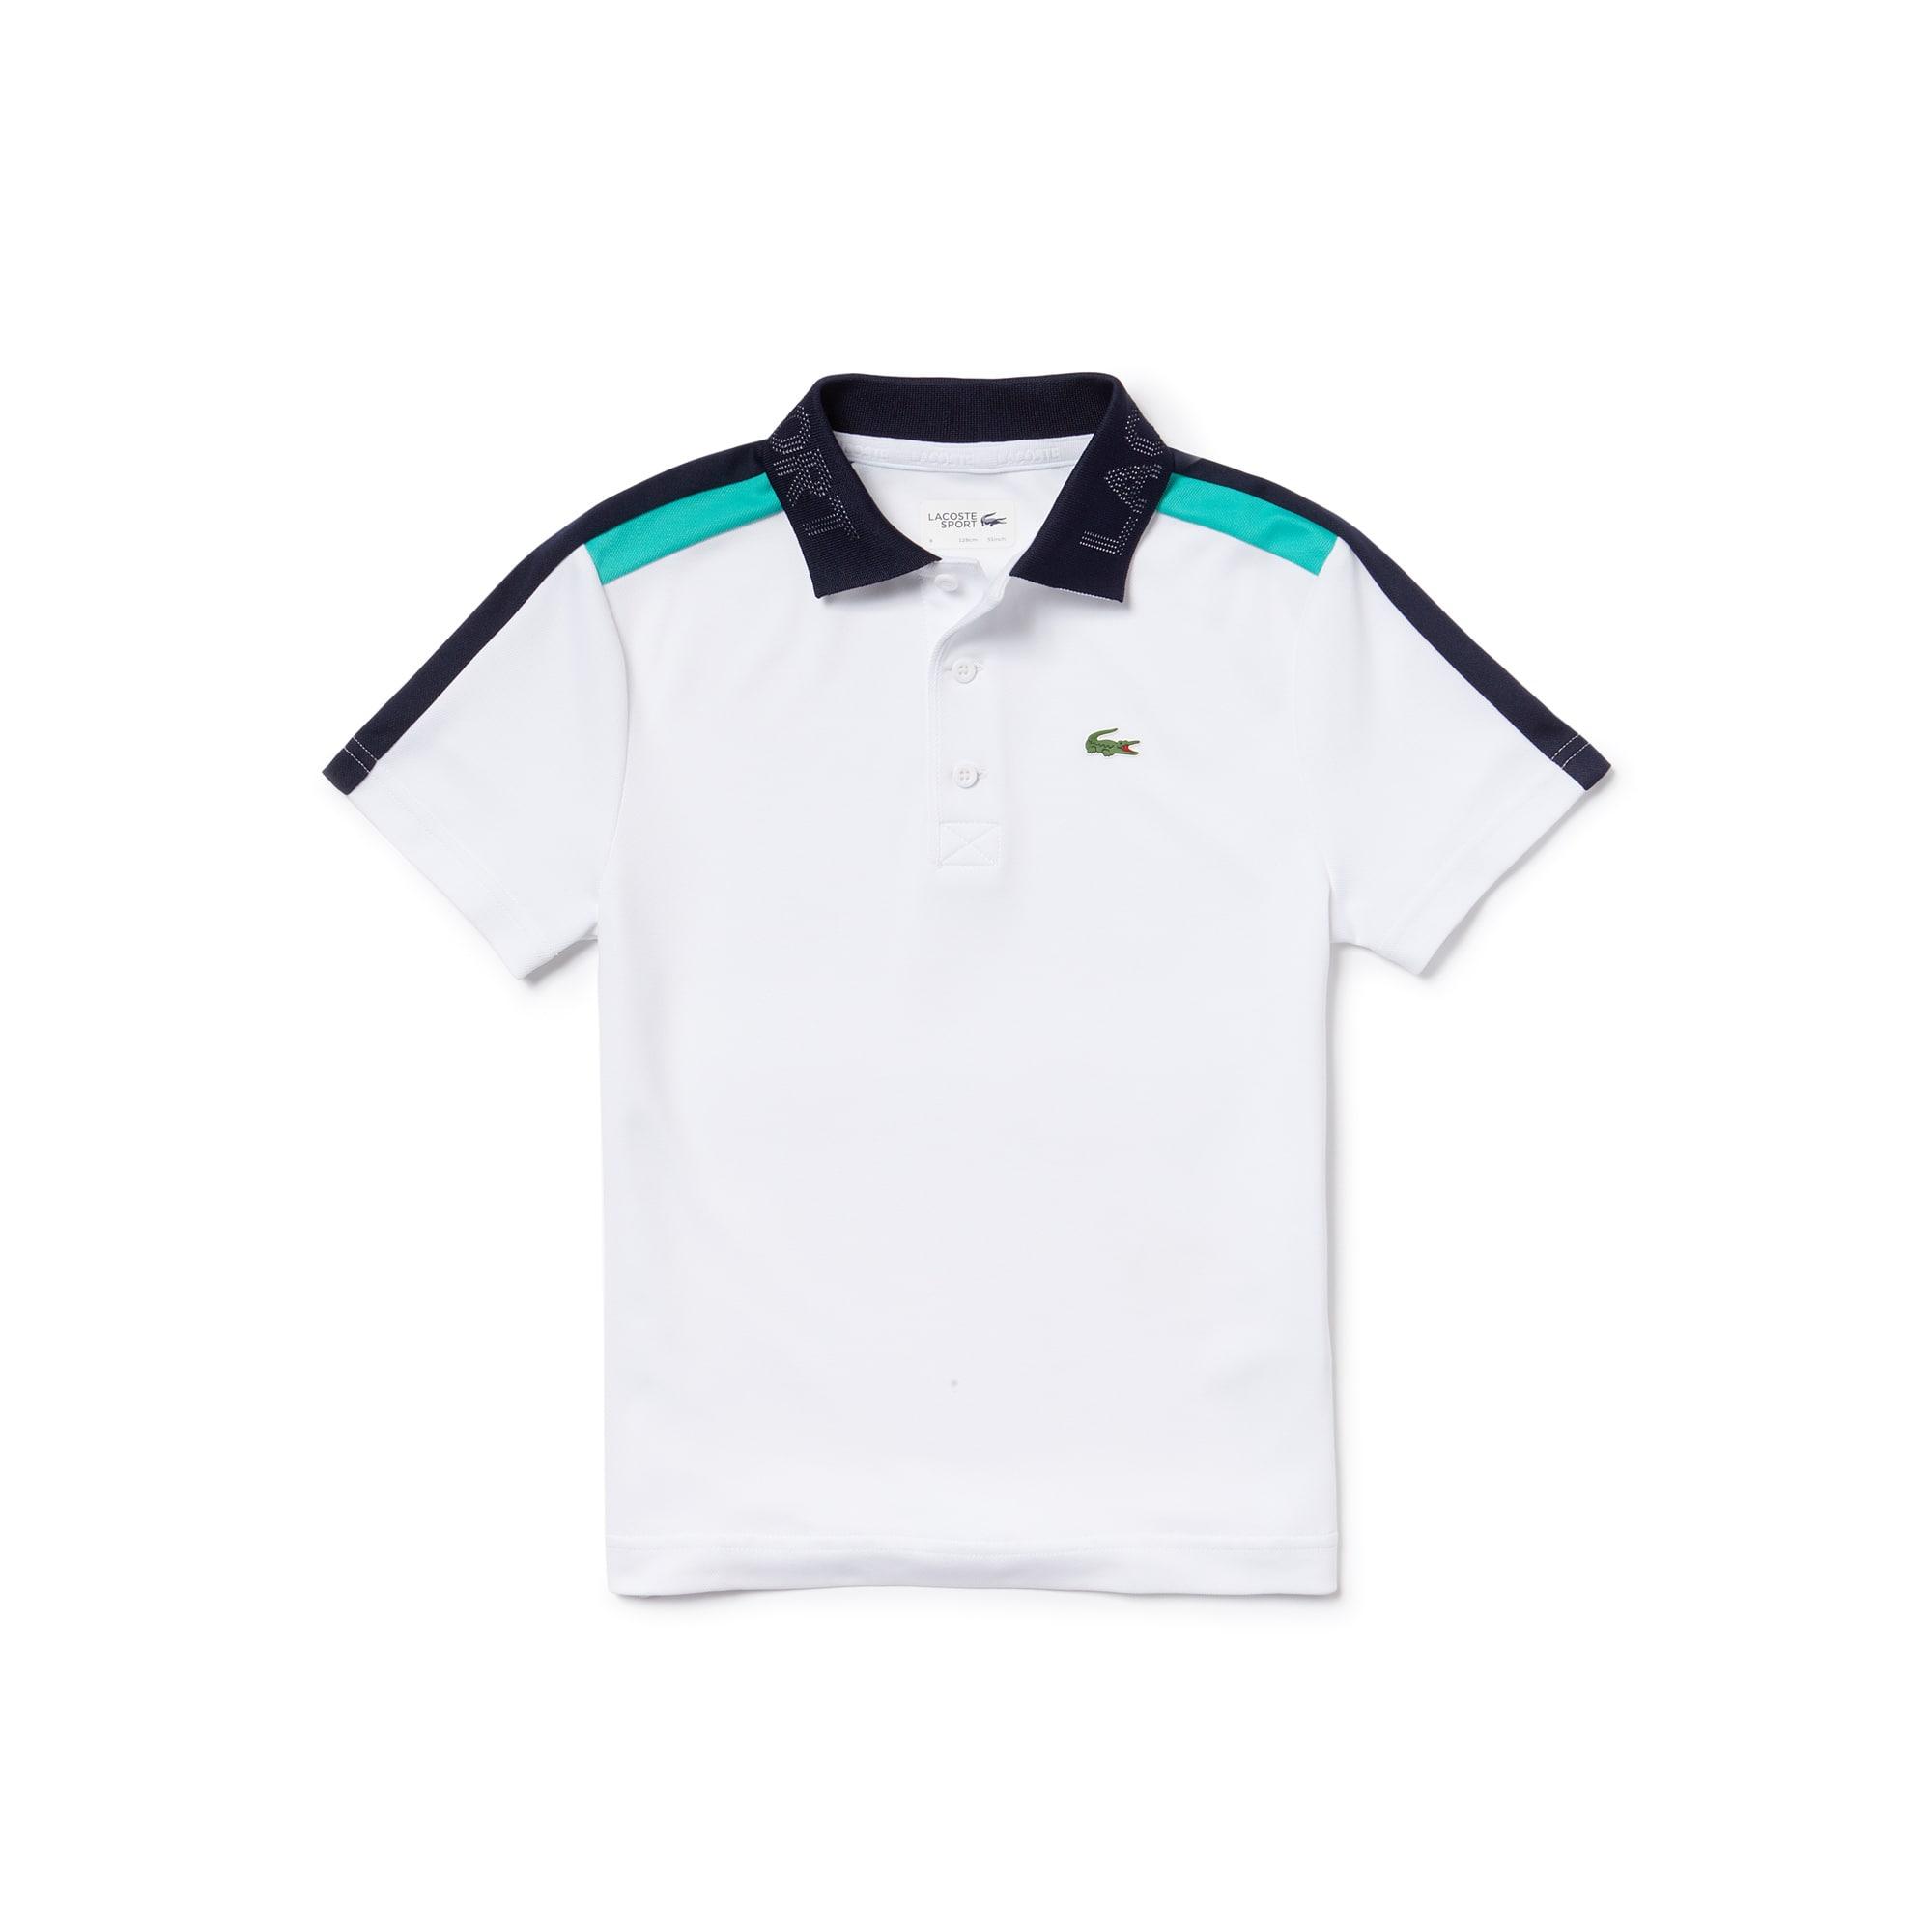 Polo Garçon Tennis Lacoste SPORT en piqué technique à bandes contrastées